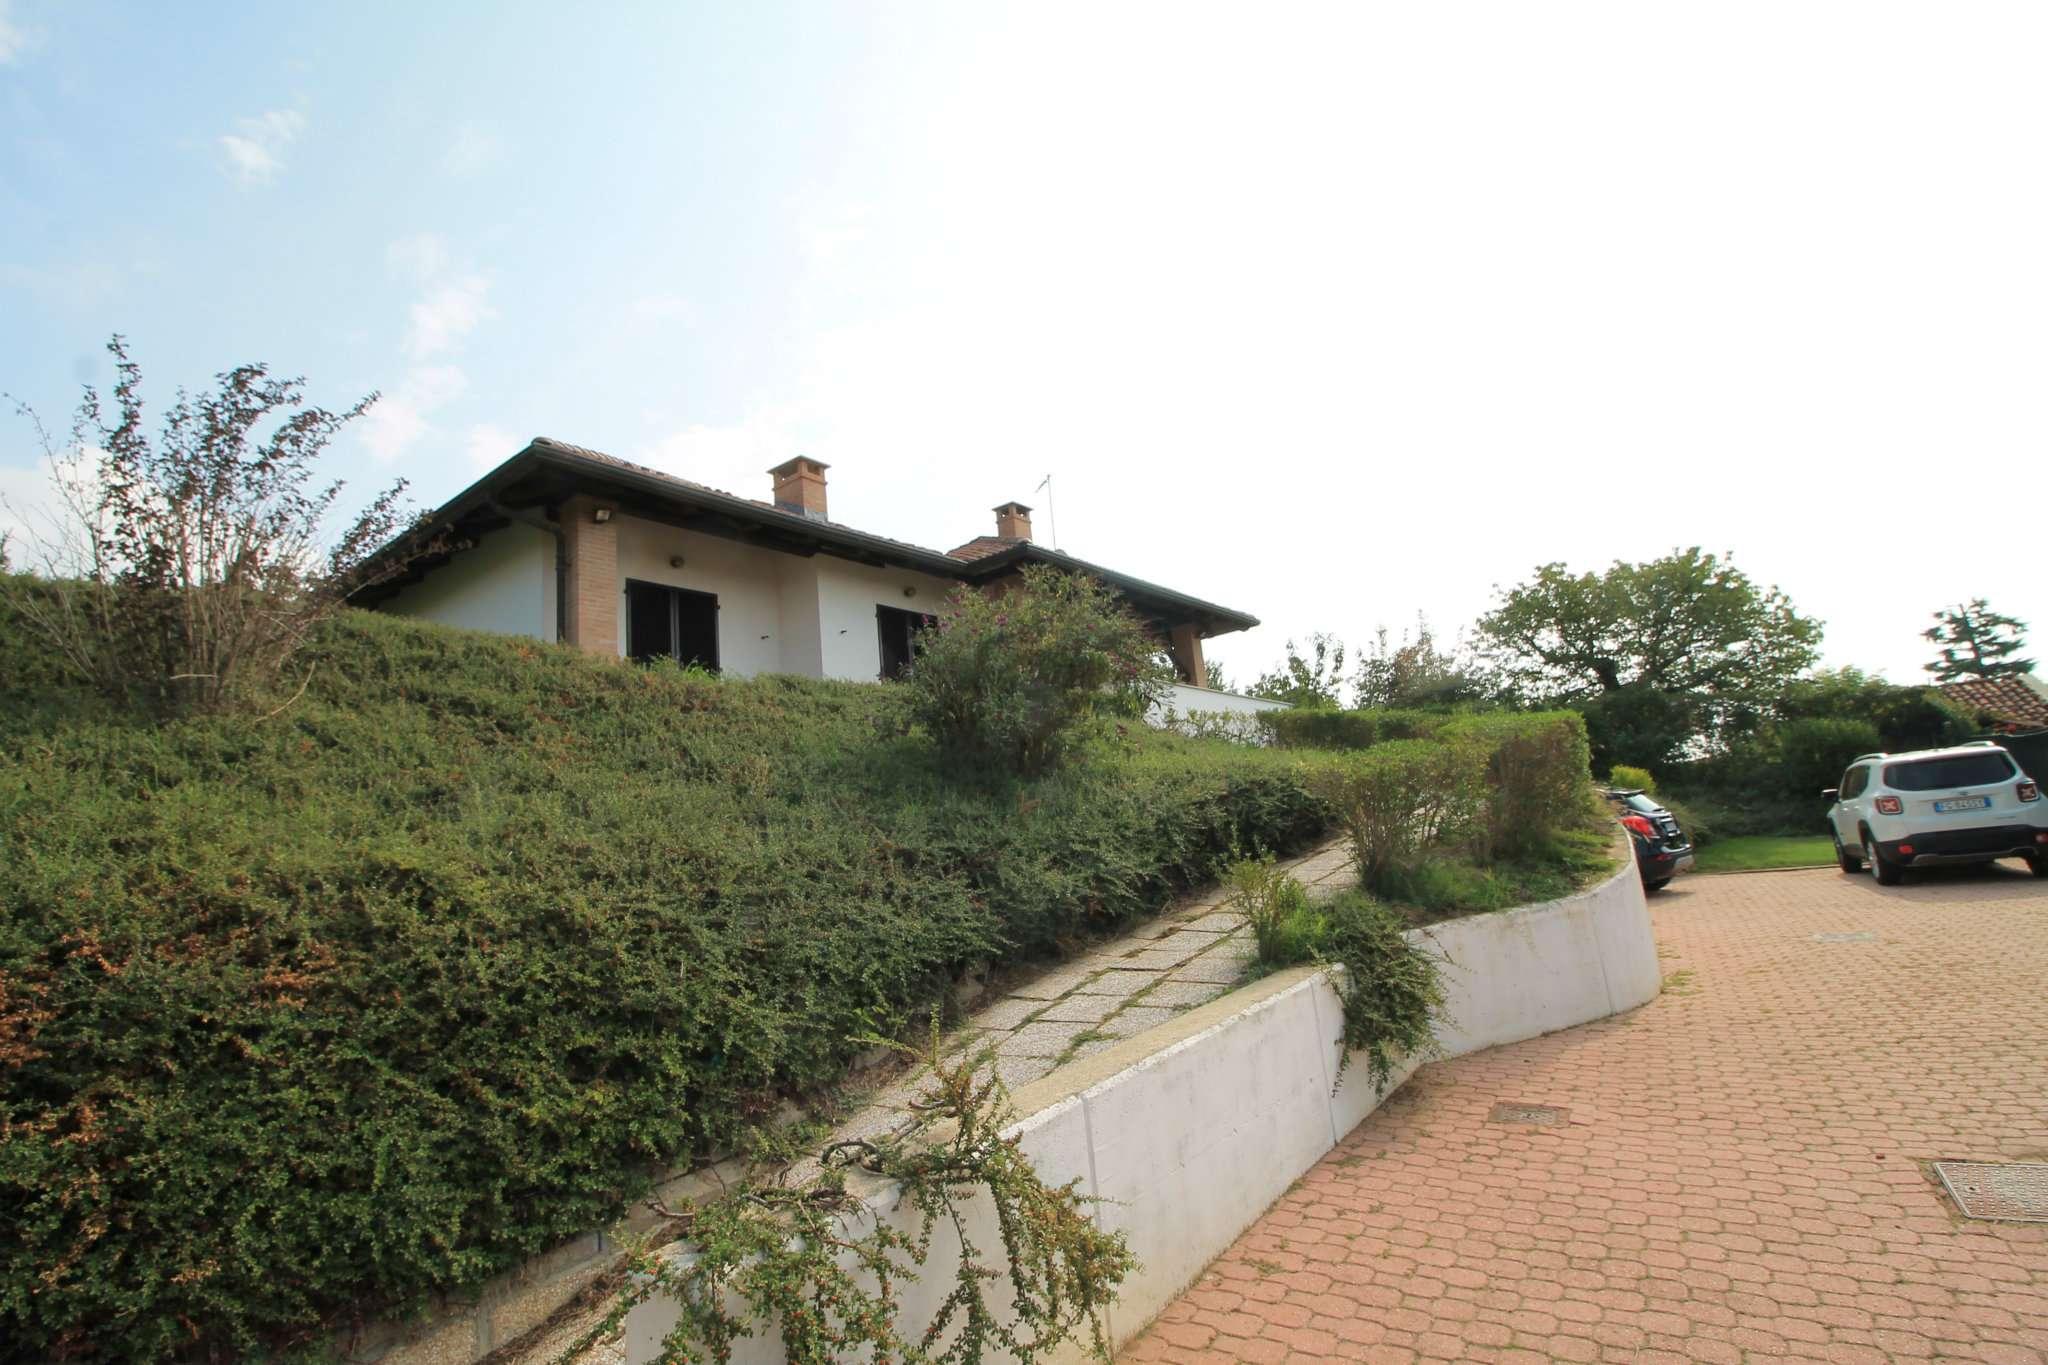 Appartamento in affitto a Pecetto Torinese, 7 locali, prezzo € 1.700   PortaleAgenzieImmobiliari.it